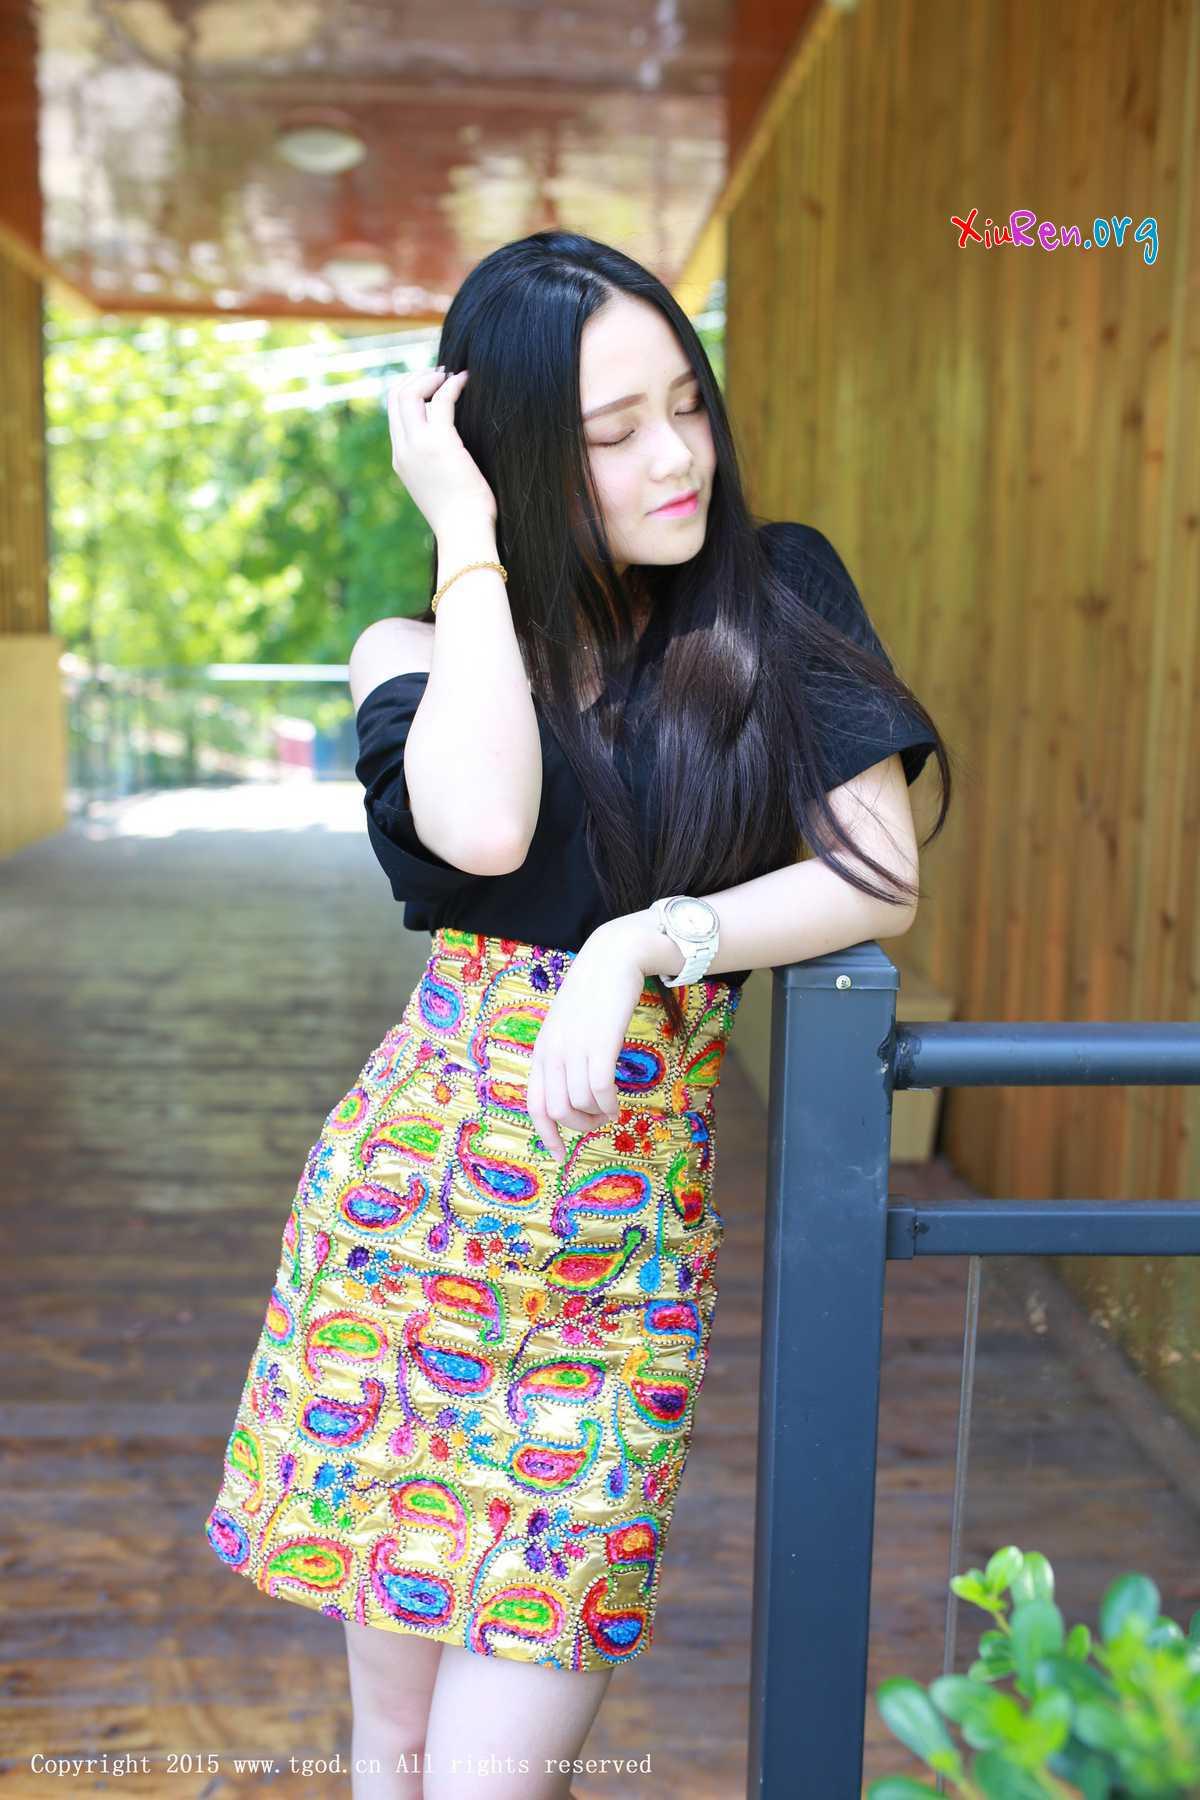 秀人网cassie_[TGOD推女神] 佩佩Cassie 54P - 秀人网 XiuRen.org